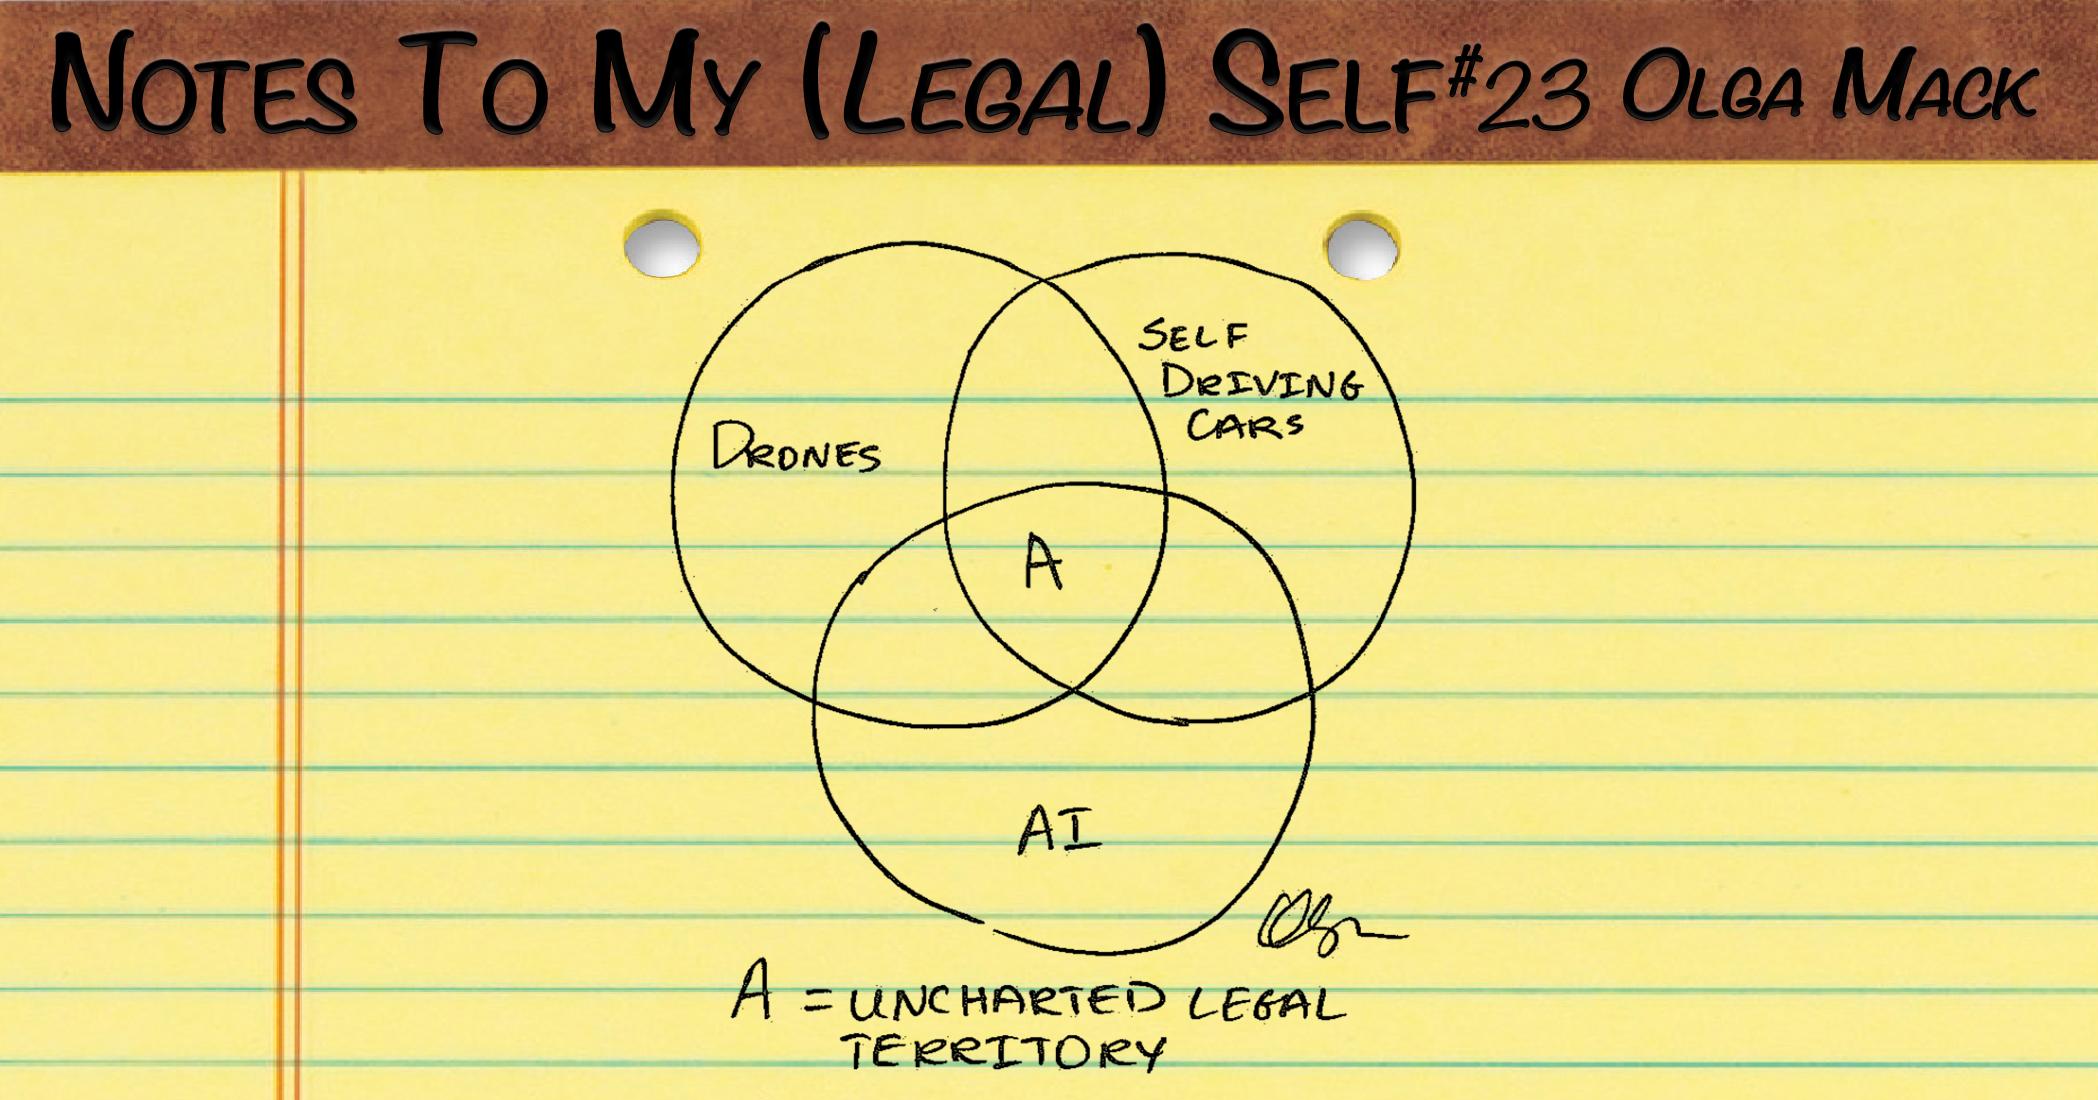 LegalSelf_23.png